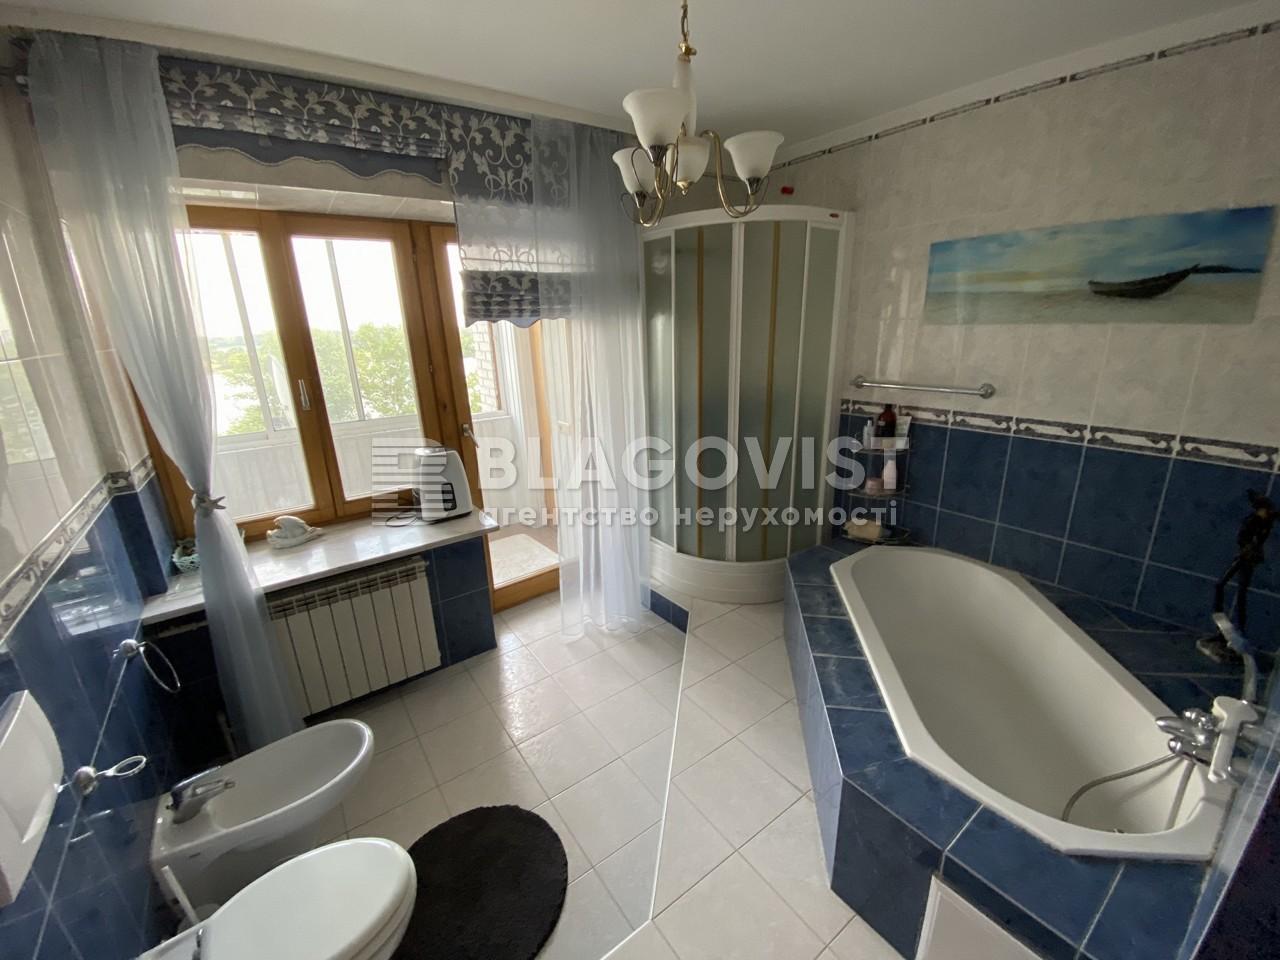 Квартира R-39990, Героев Сталинграда просп., 14г, Киев - Фото 35